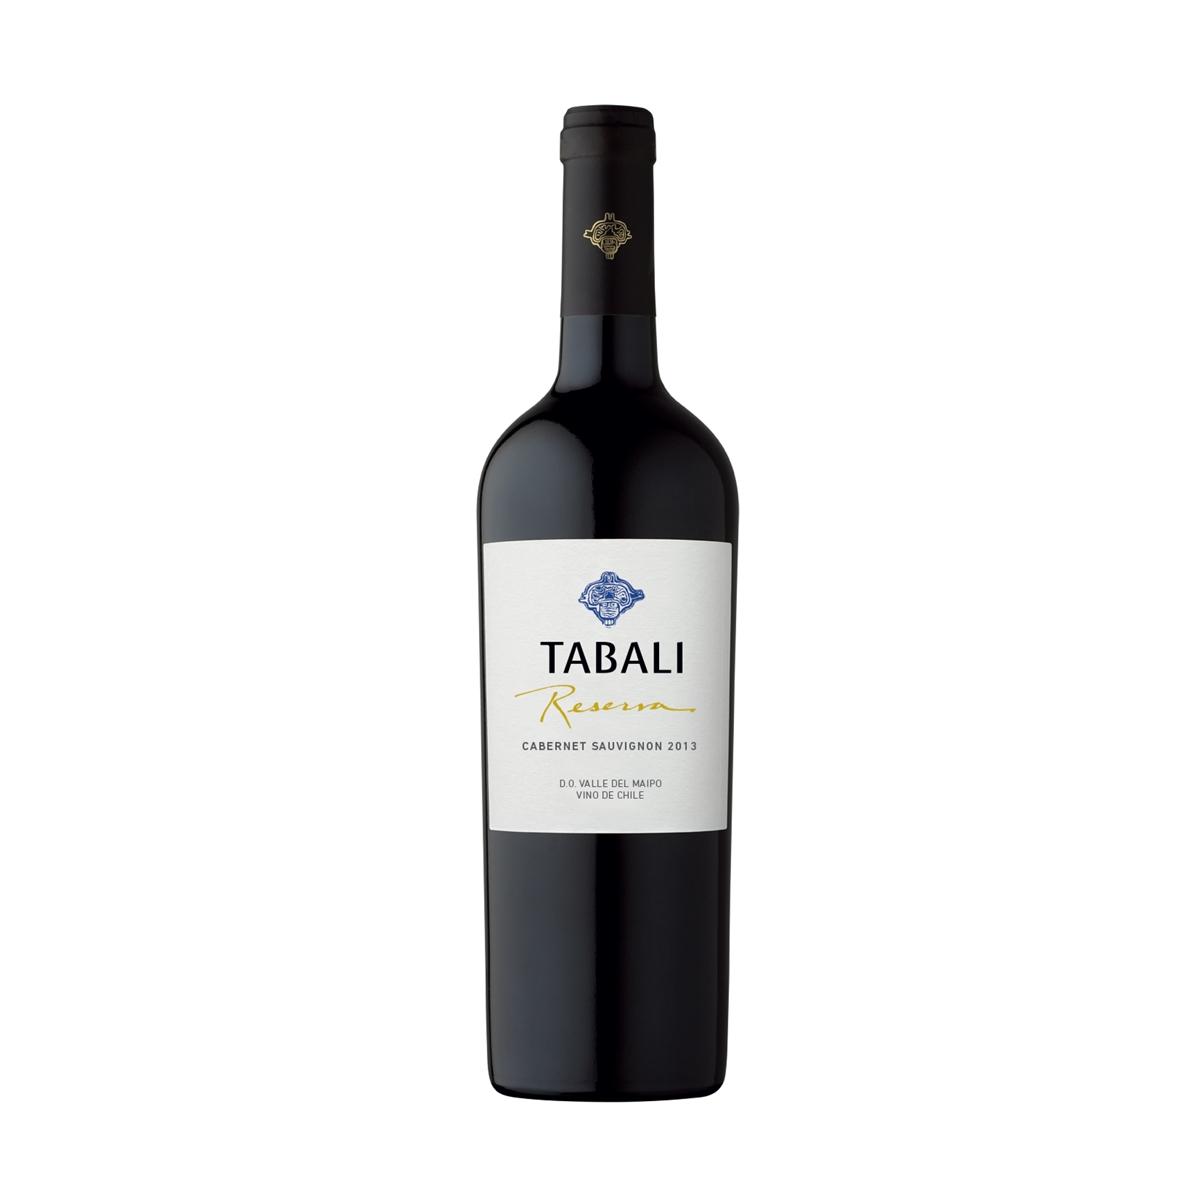 智利利马里谷达百利赤霞珠珍藏干红葡萄酒